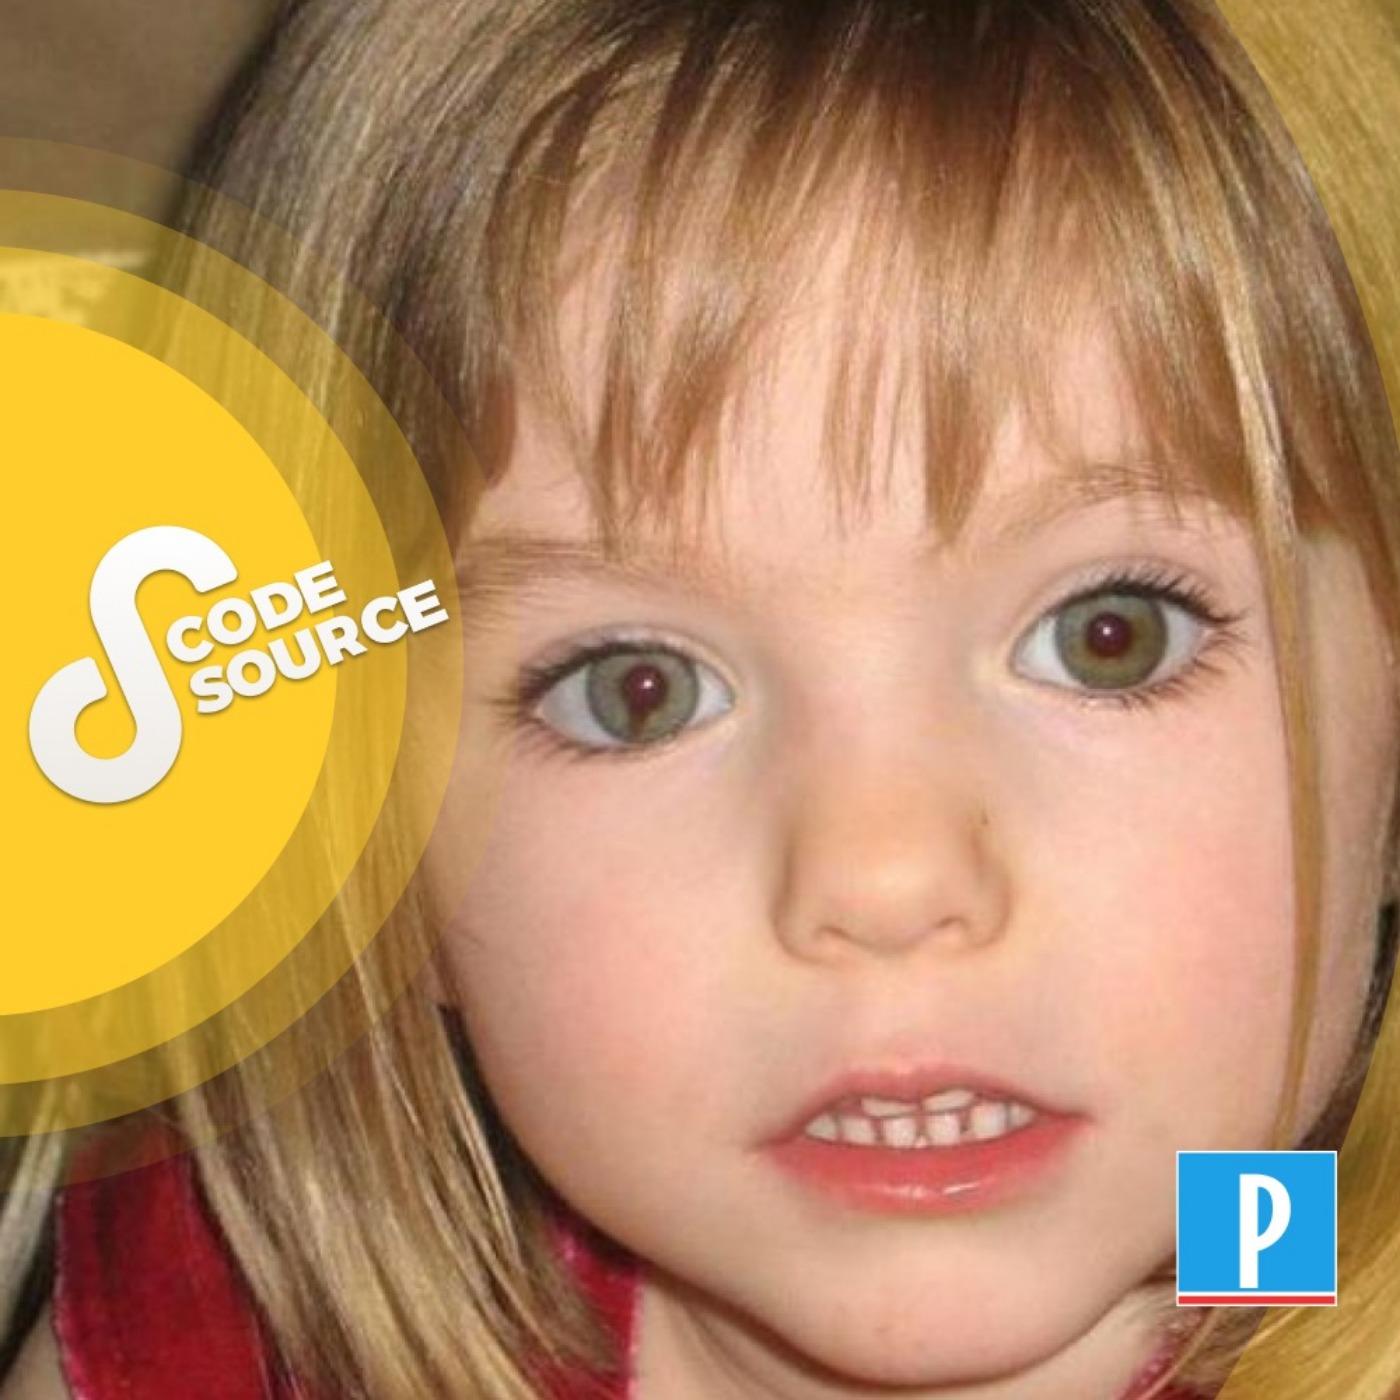 Disparition de la petite Maddie McCann : un nouveau suspect, 13 ans de mystères